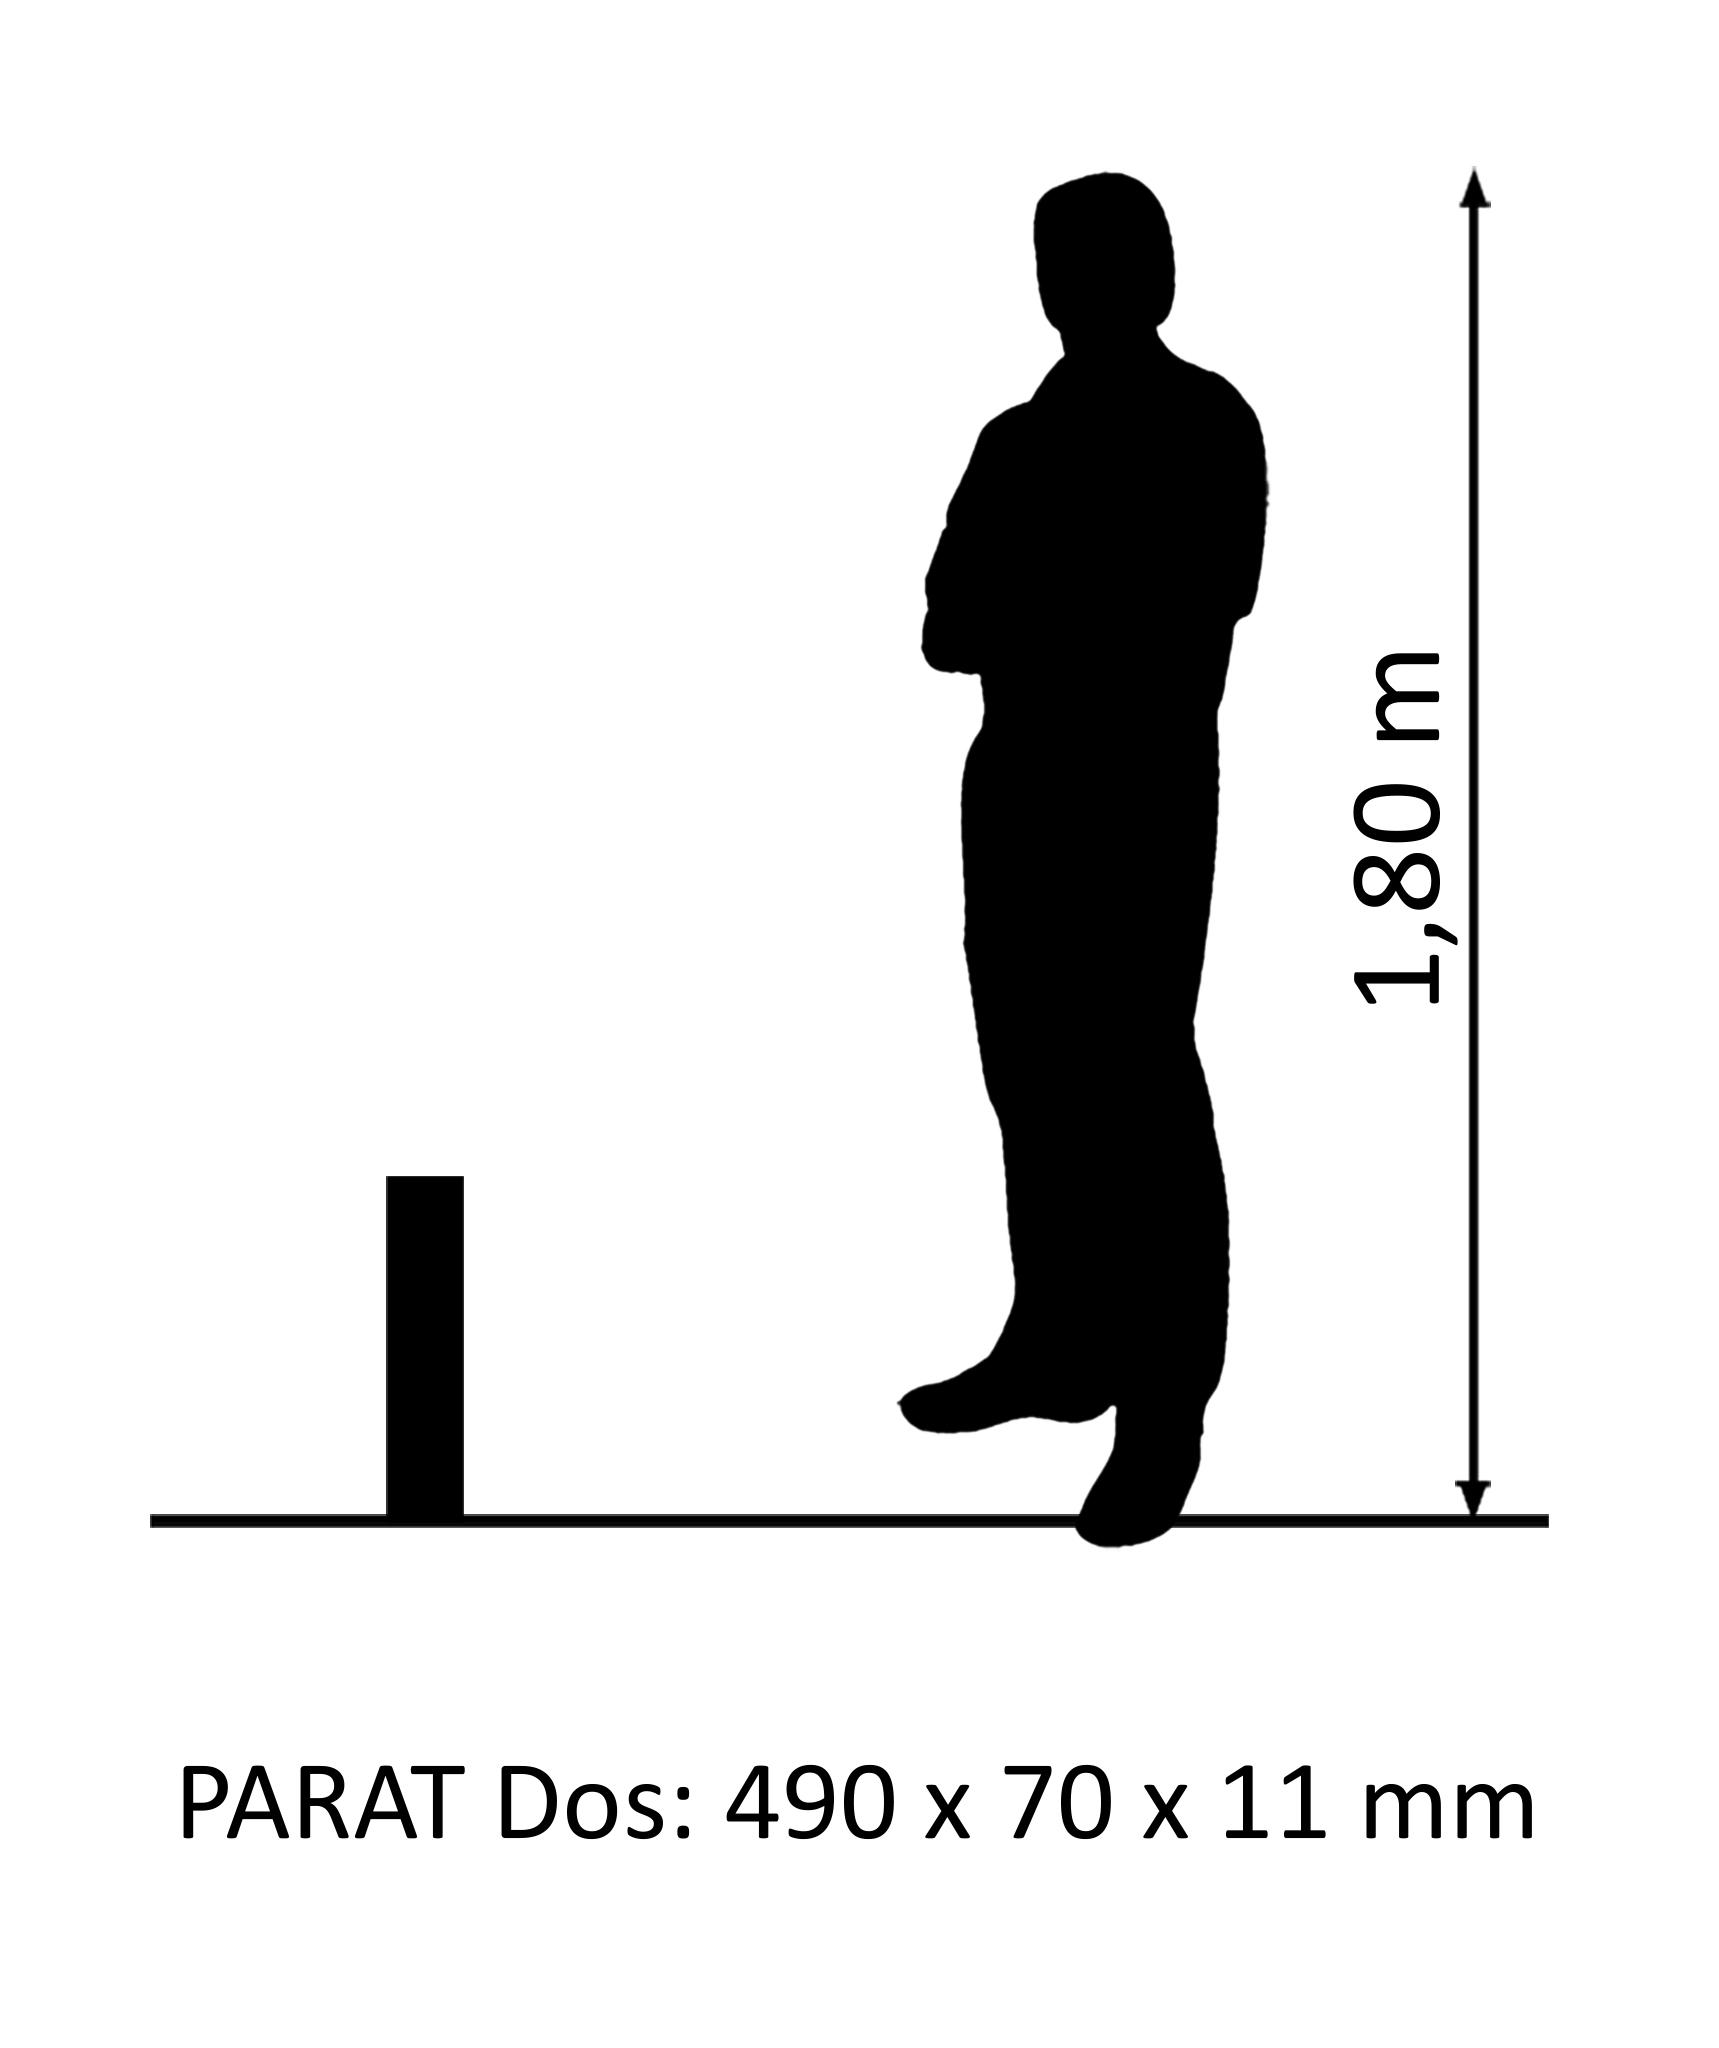 PARAT Dos Eiche Astig Taupe 11mm